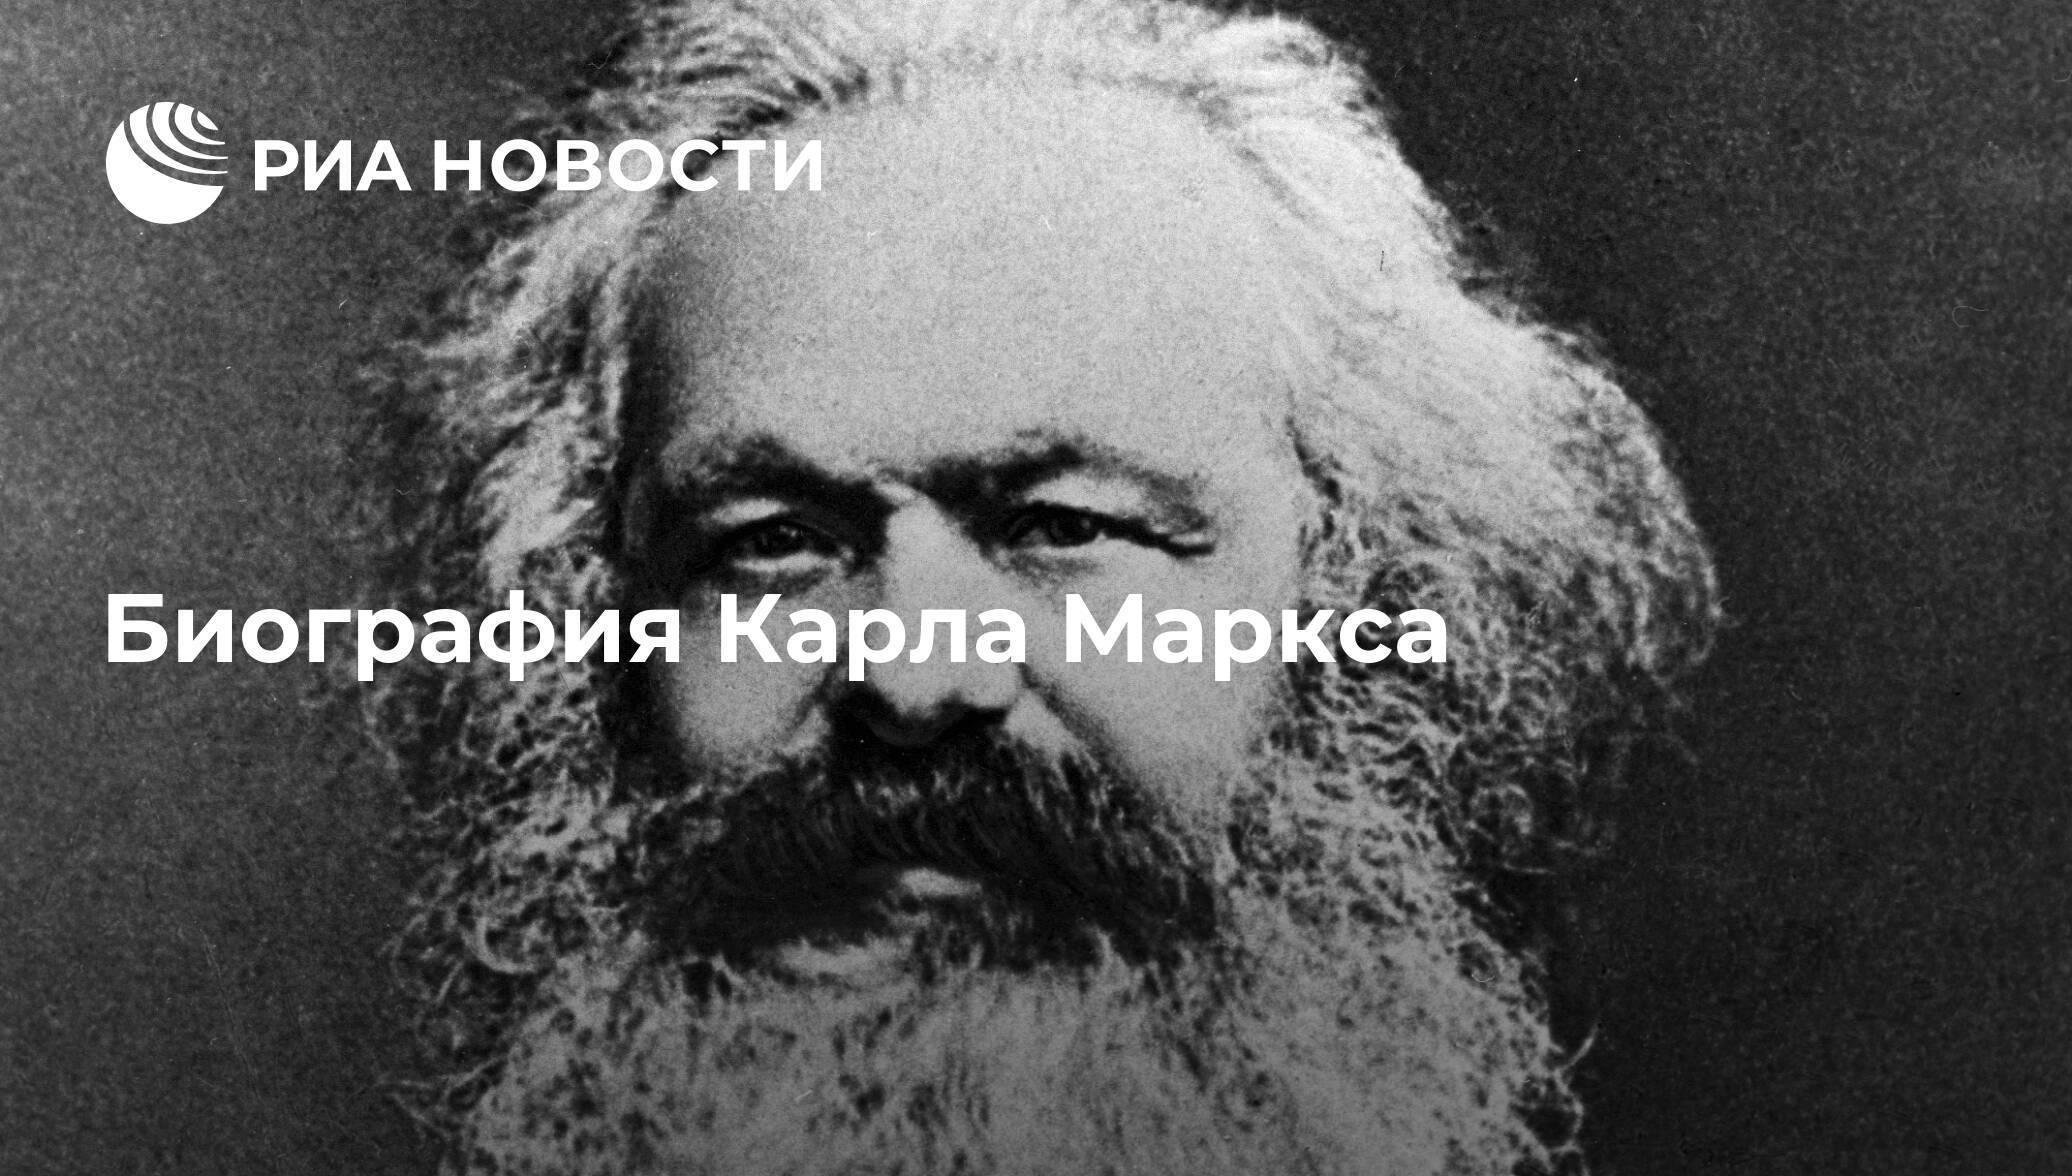 Карл маркс: биография экономиста и годы жизни — кто такой, как и кем работал ученый, что сделал в науке - perstni.com